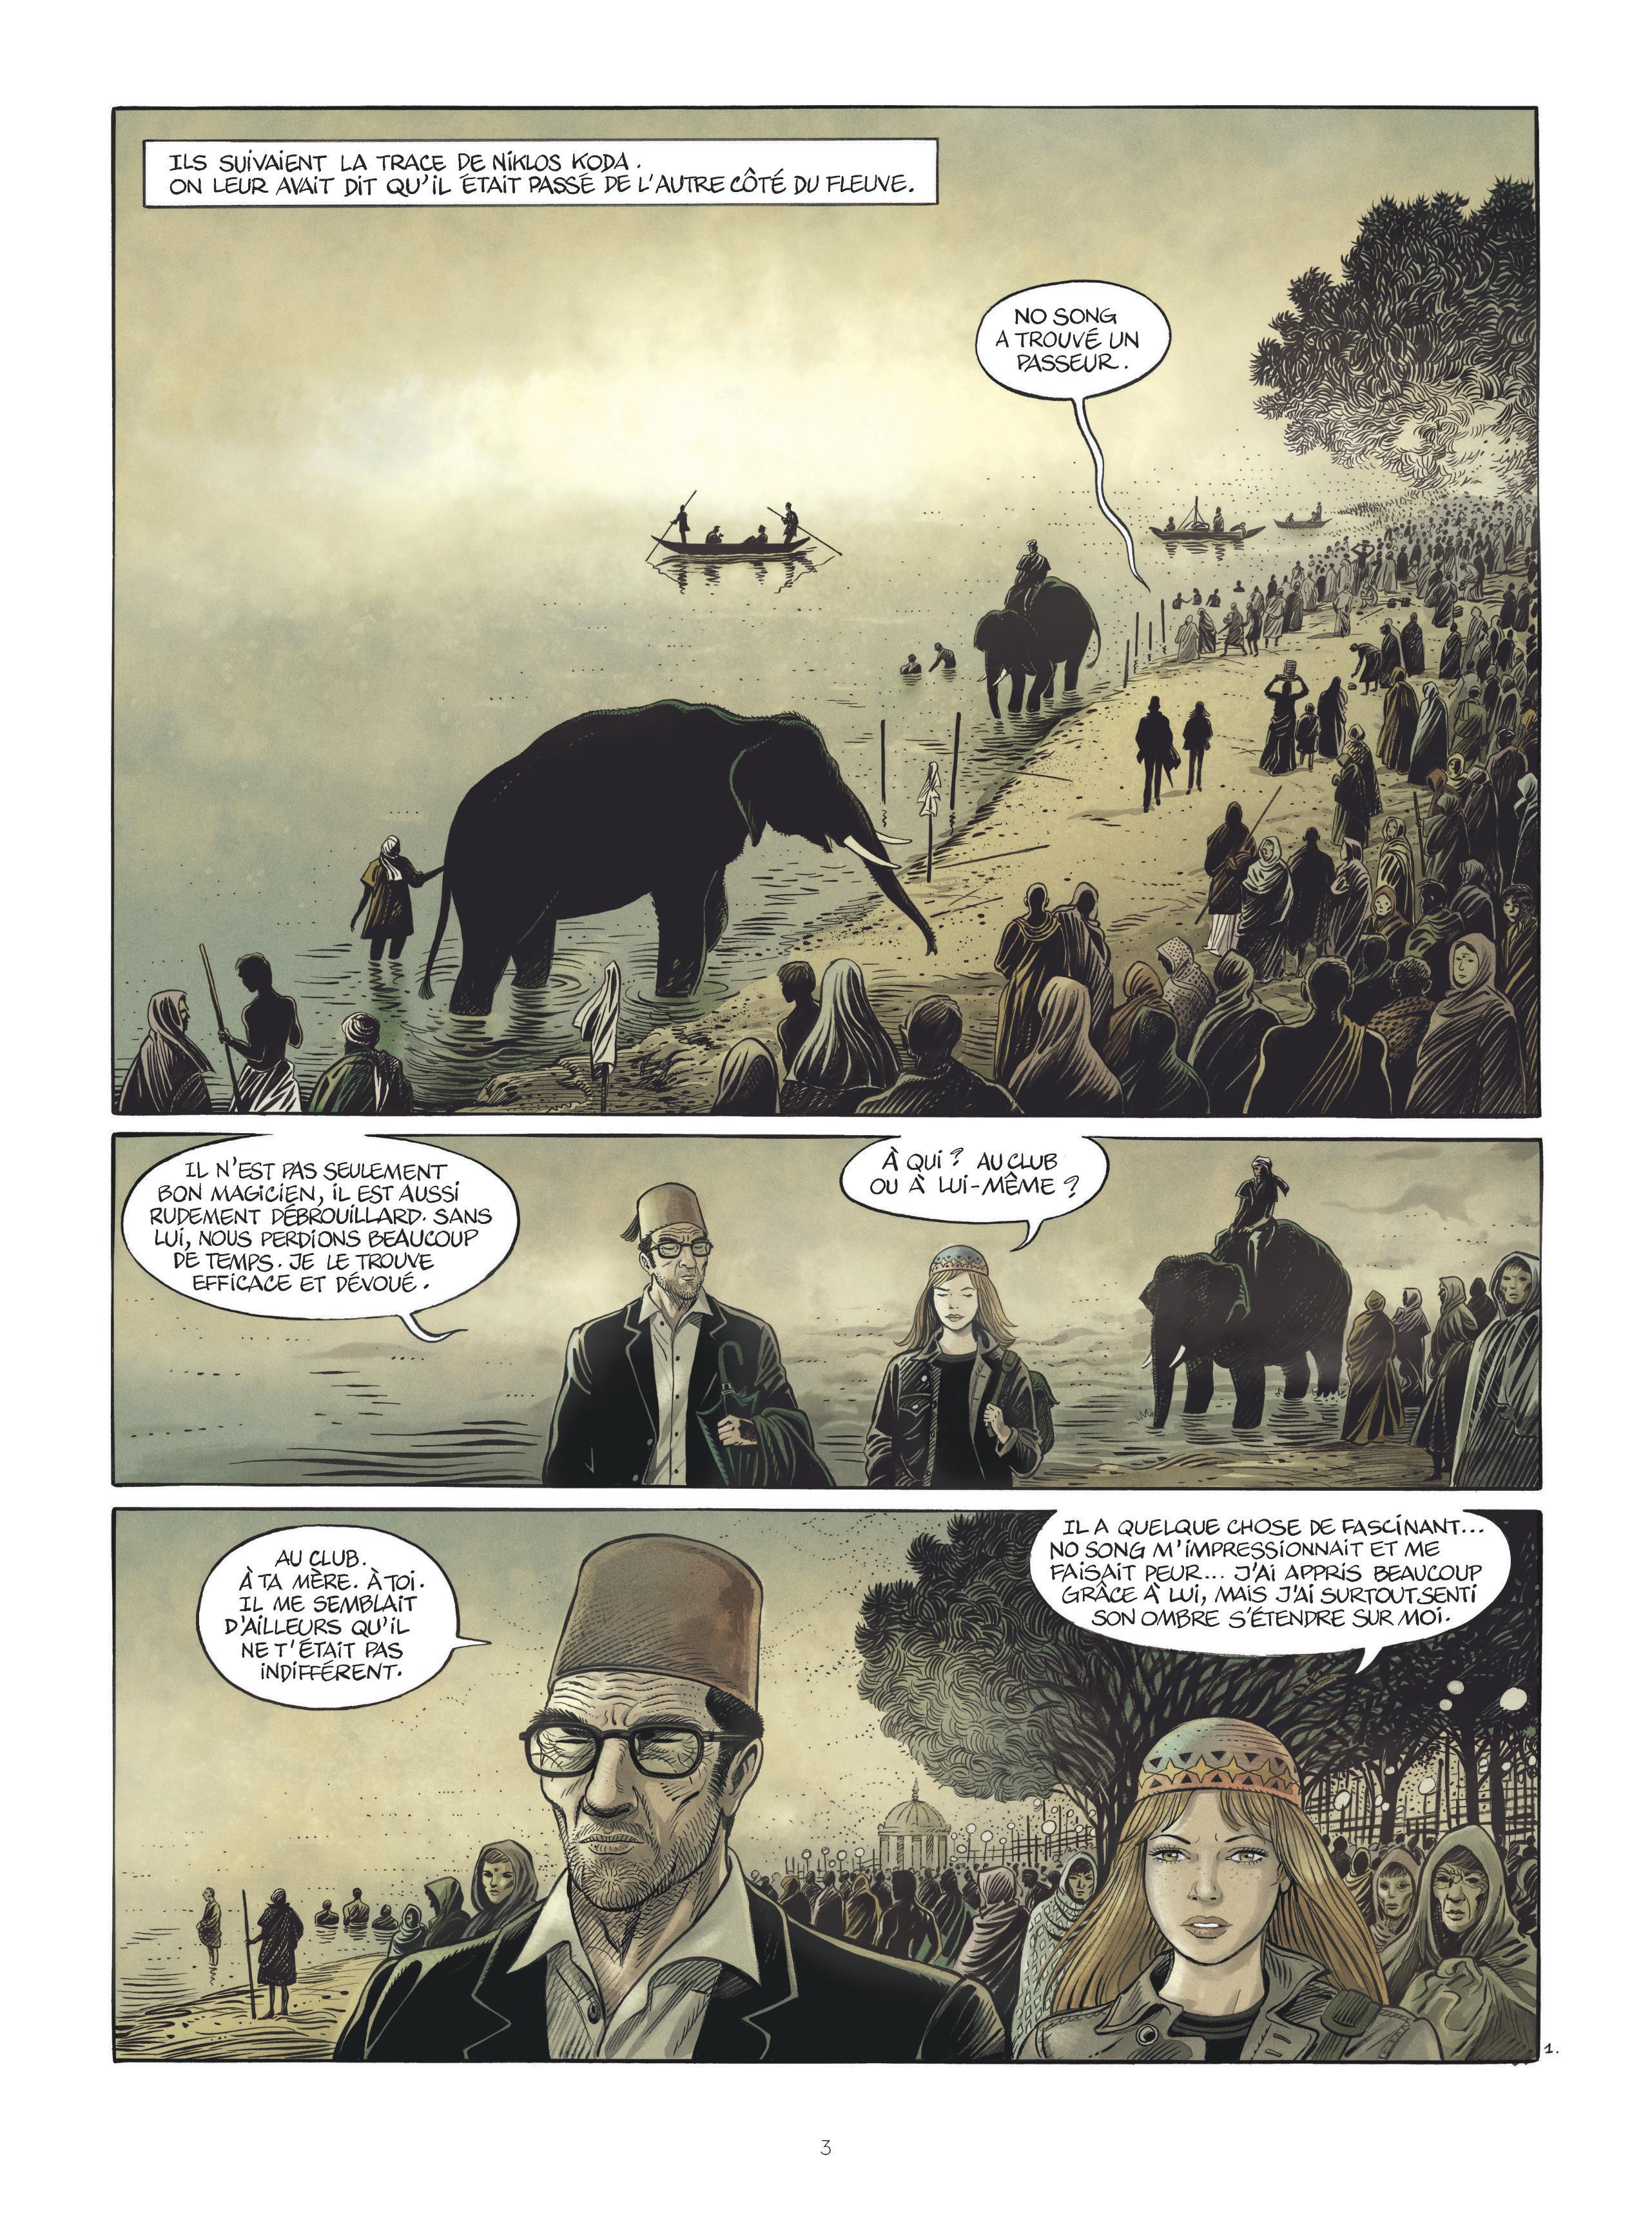 Niklo_Koda#14_Page 3